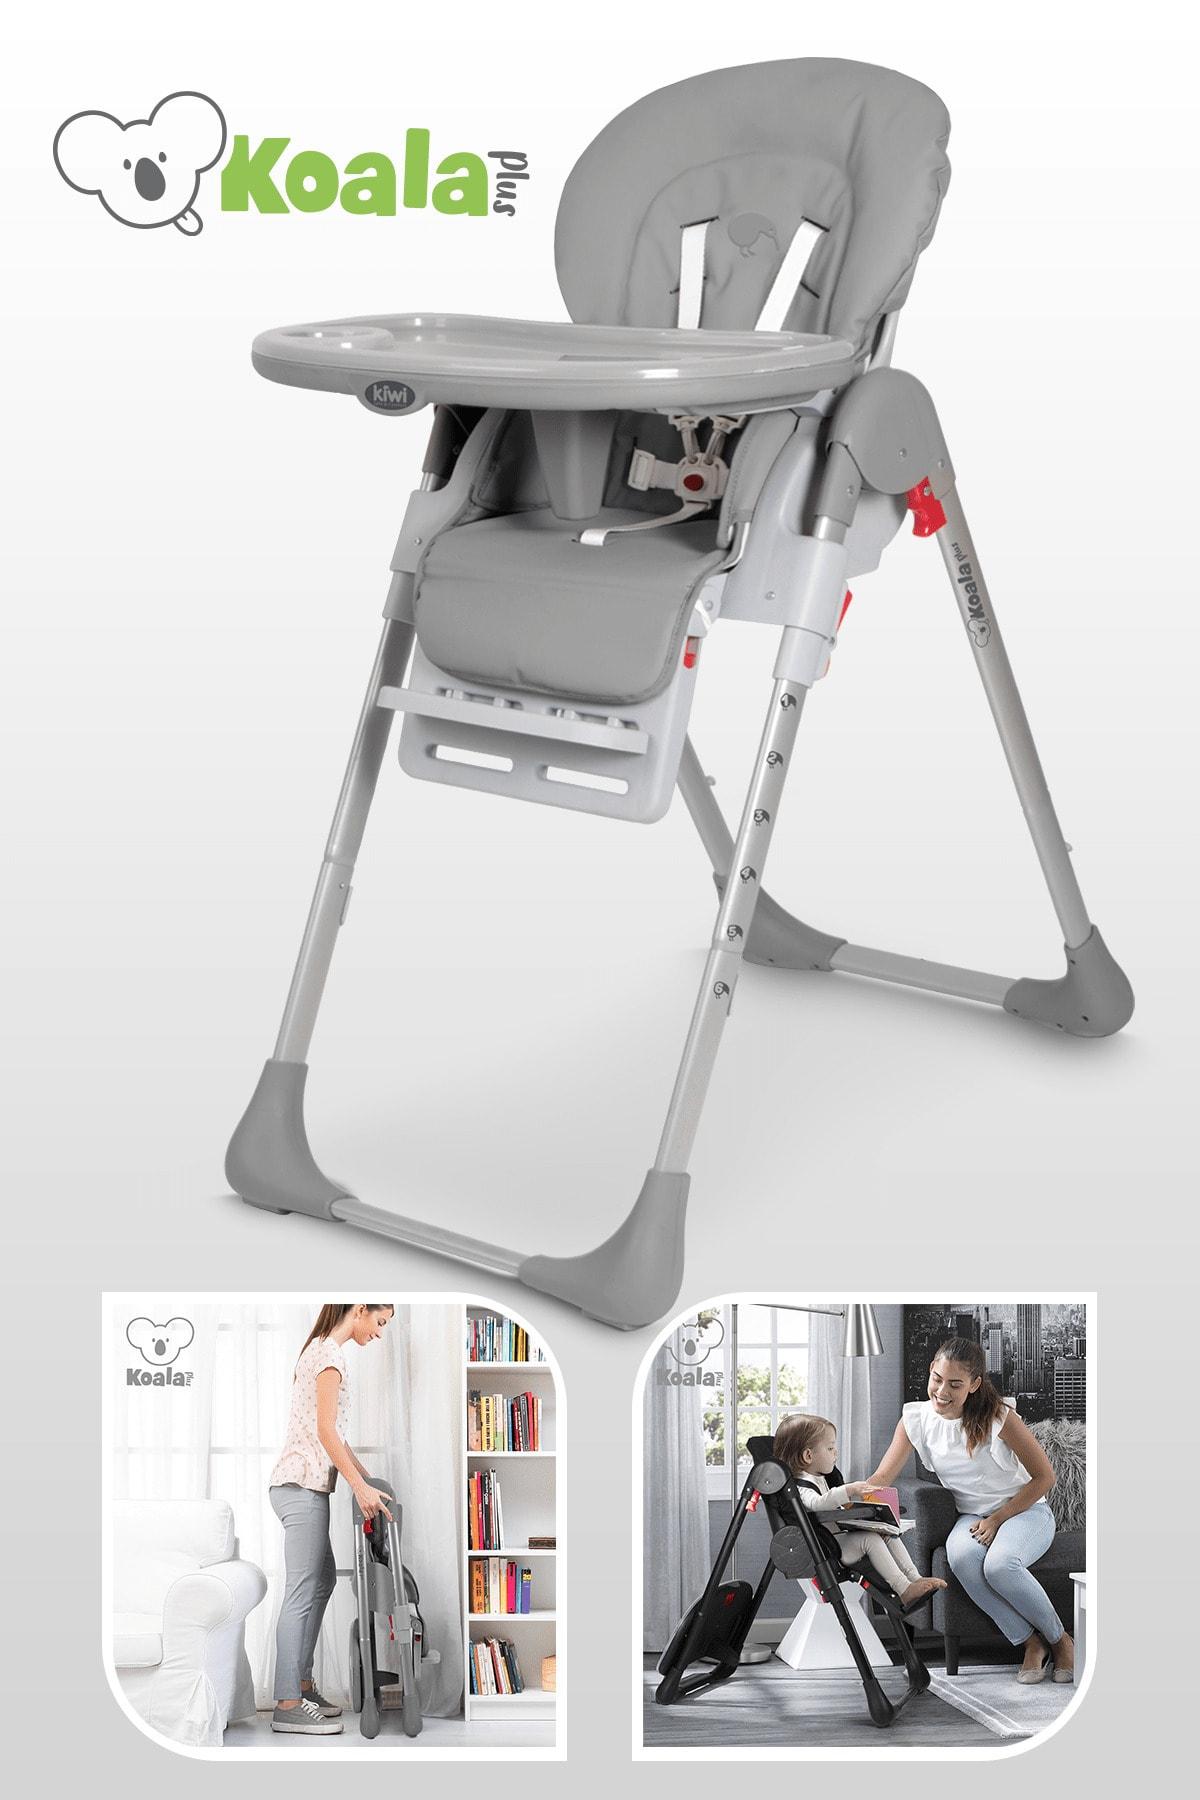 Kiwi Koala All In One Katlanır Tekerlekli Mama Sandalyesi 1